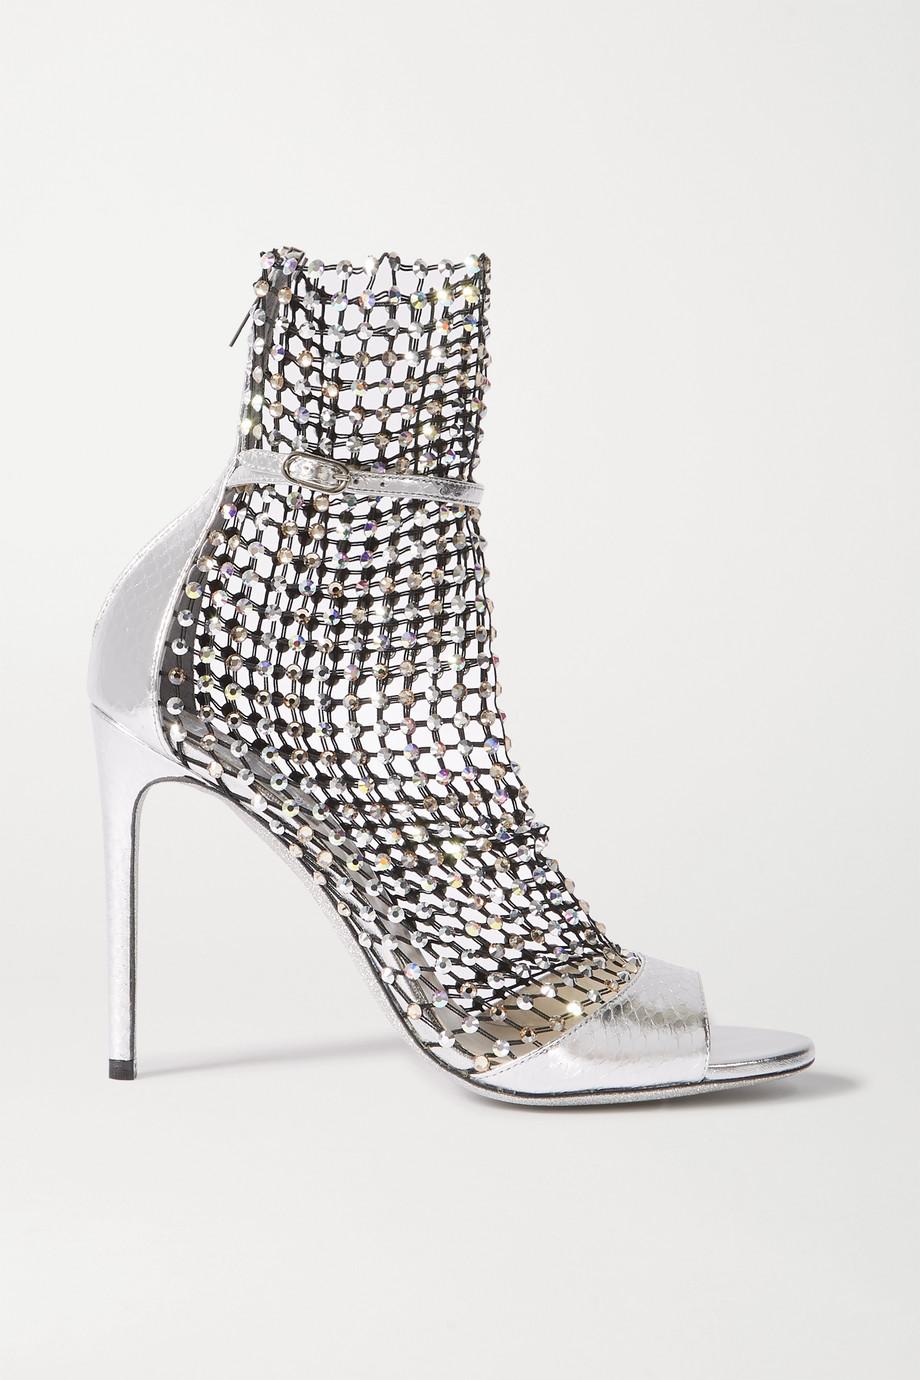 René Caovilla Galaxia 水晶缀饰网眼面料金属感水蛇皮凉鞋